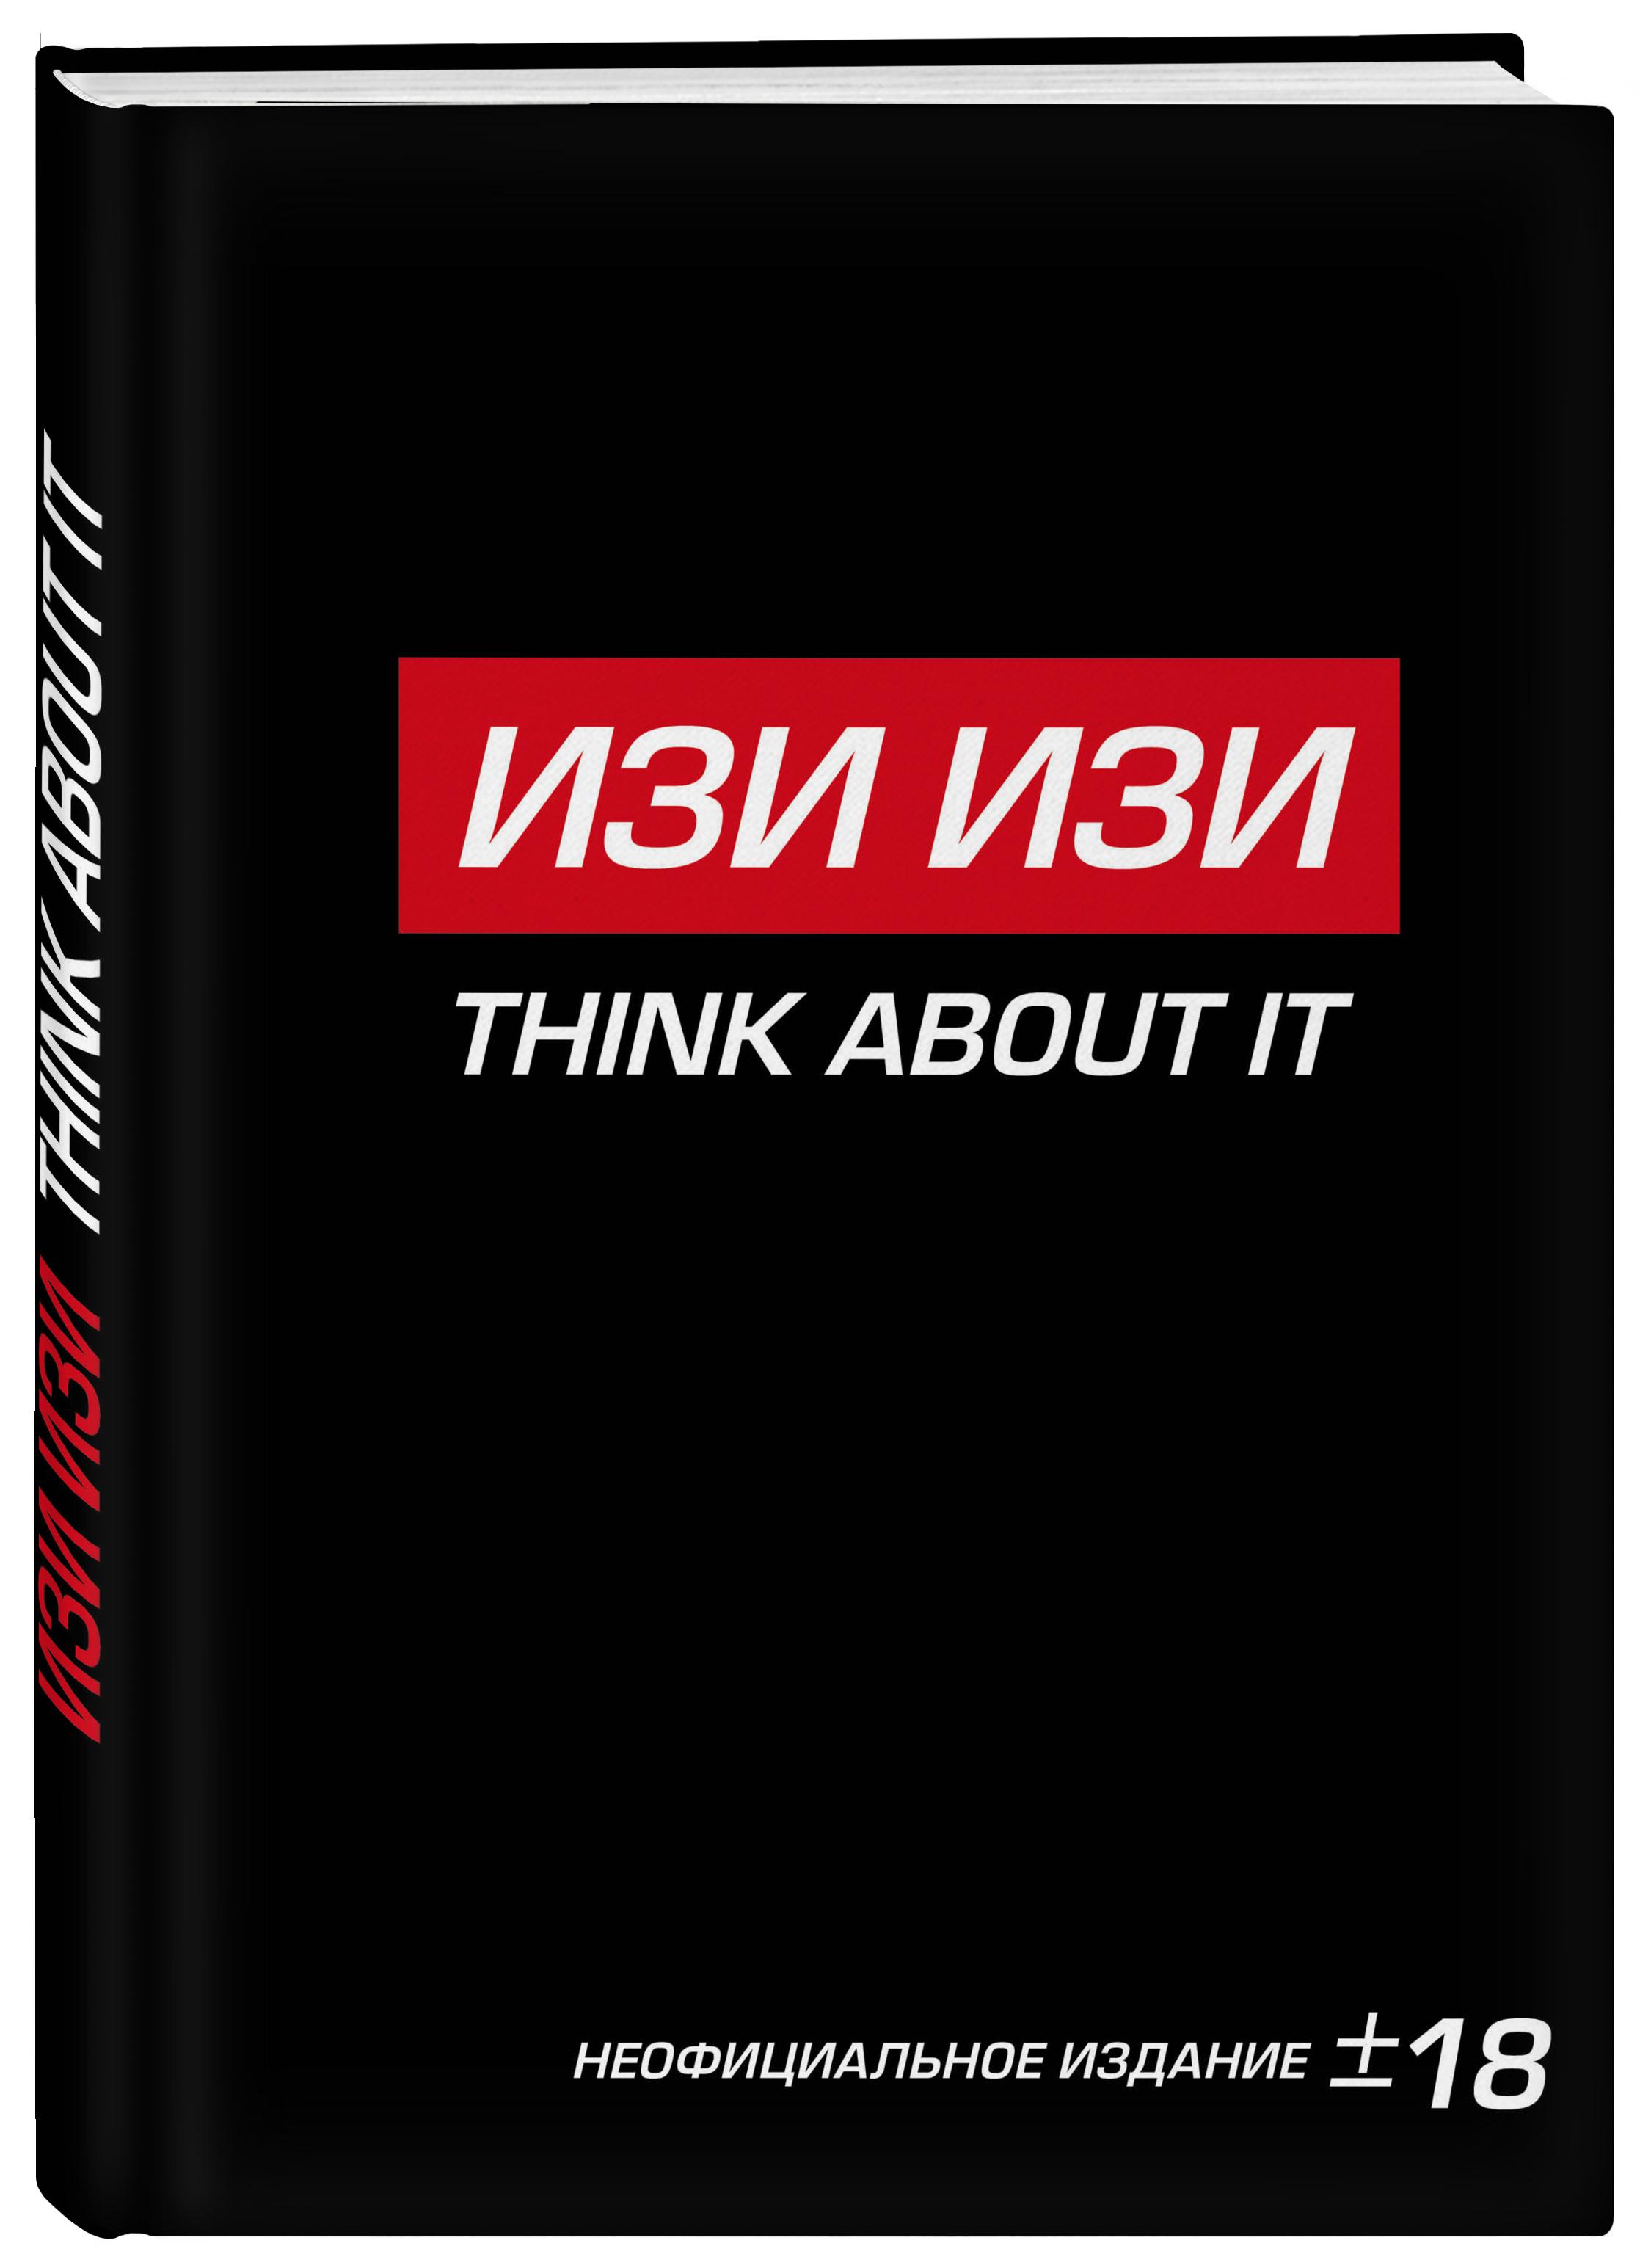 Антихайп ИЗИ ИЗИ THINK ABOUT IT (блокнот) (твердый переплет, 160x243) антихайп красный блокнот твердый переплет 160x243